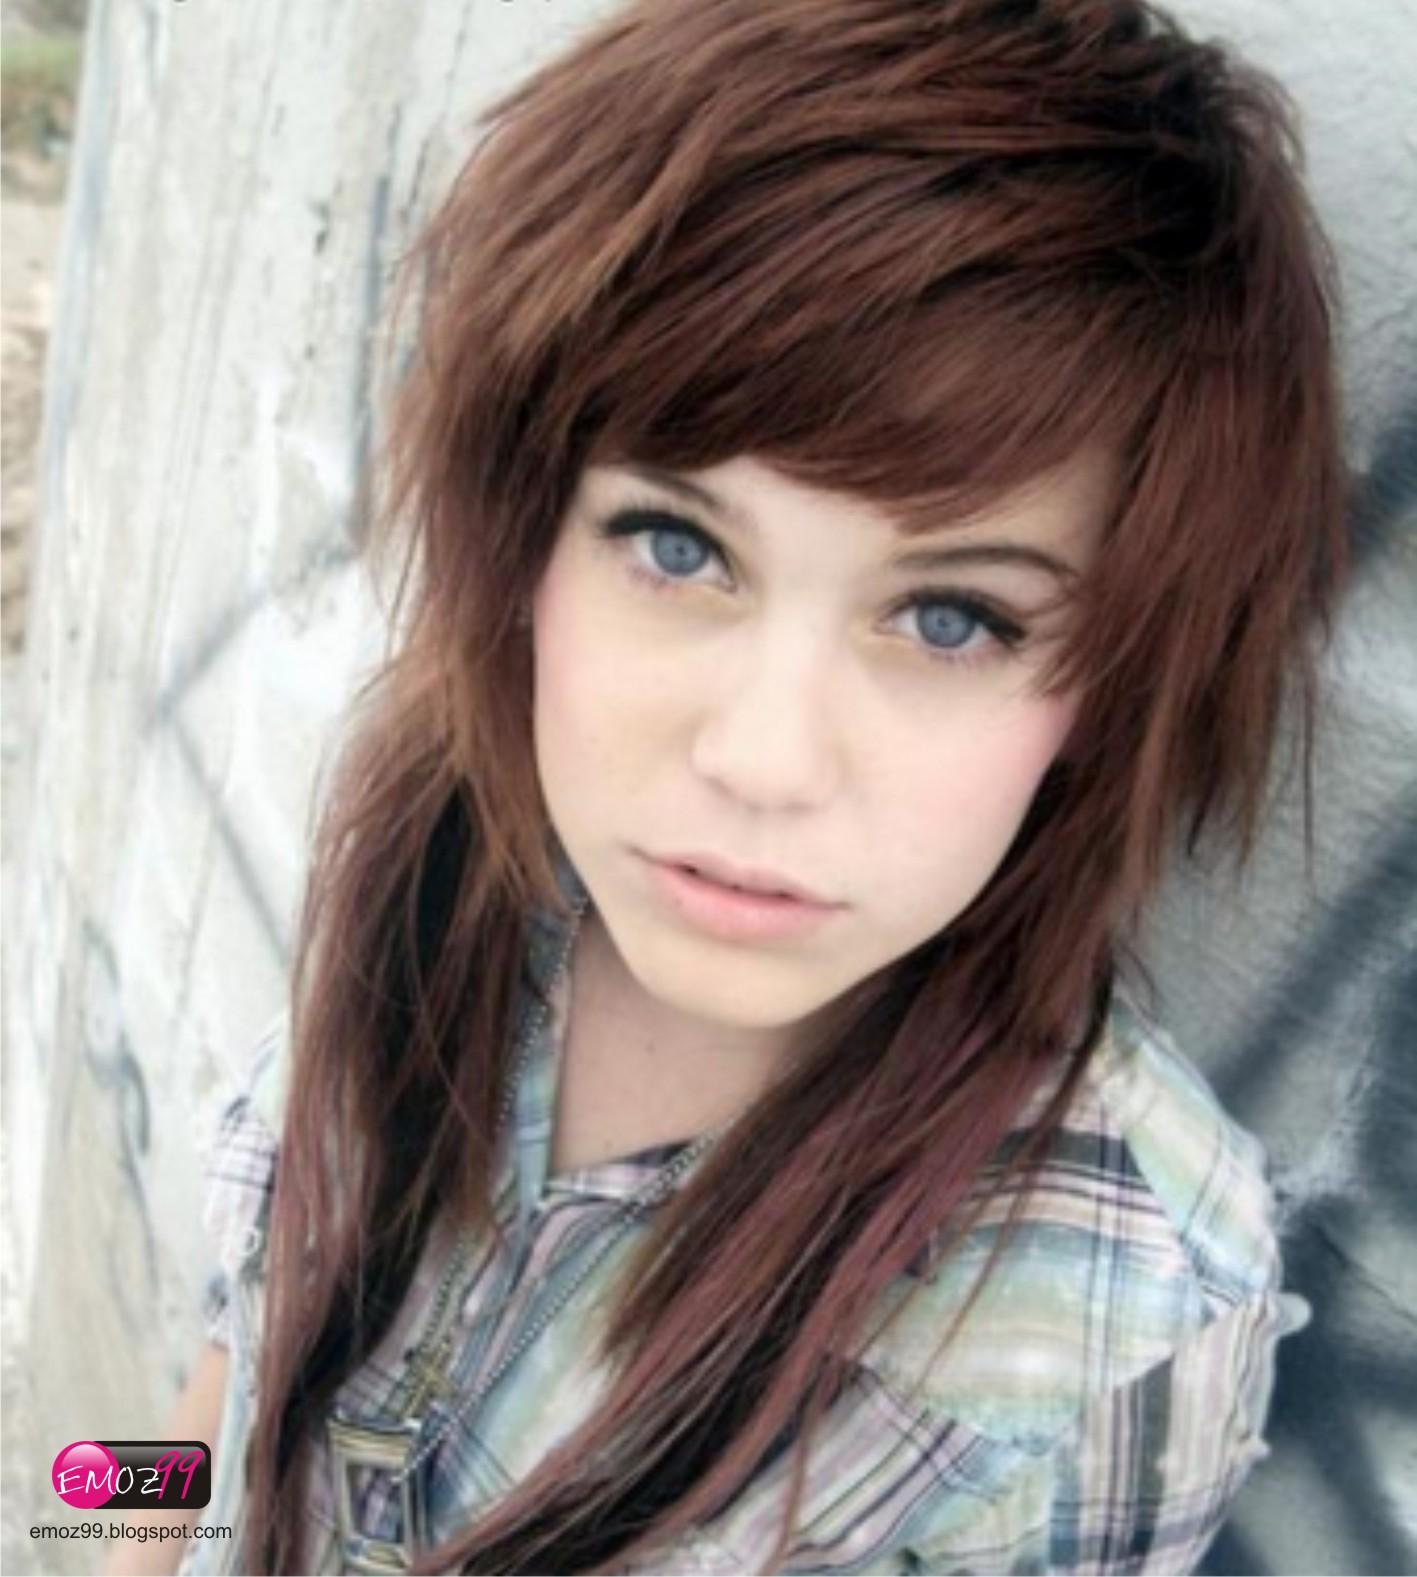 emos gallery world: cute emo girl # 11